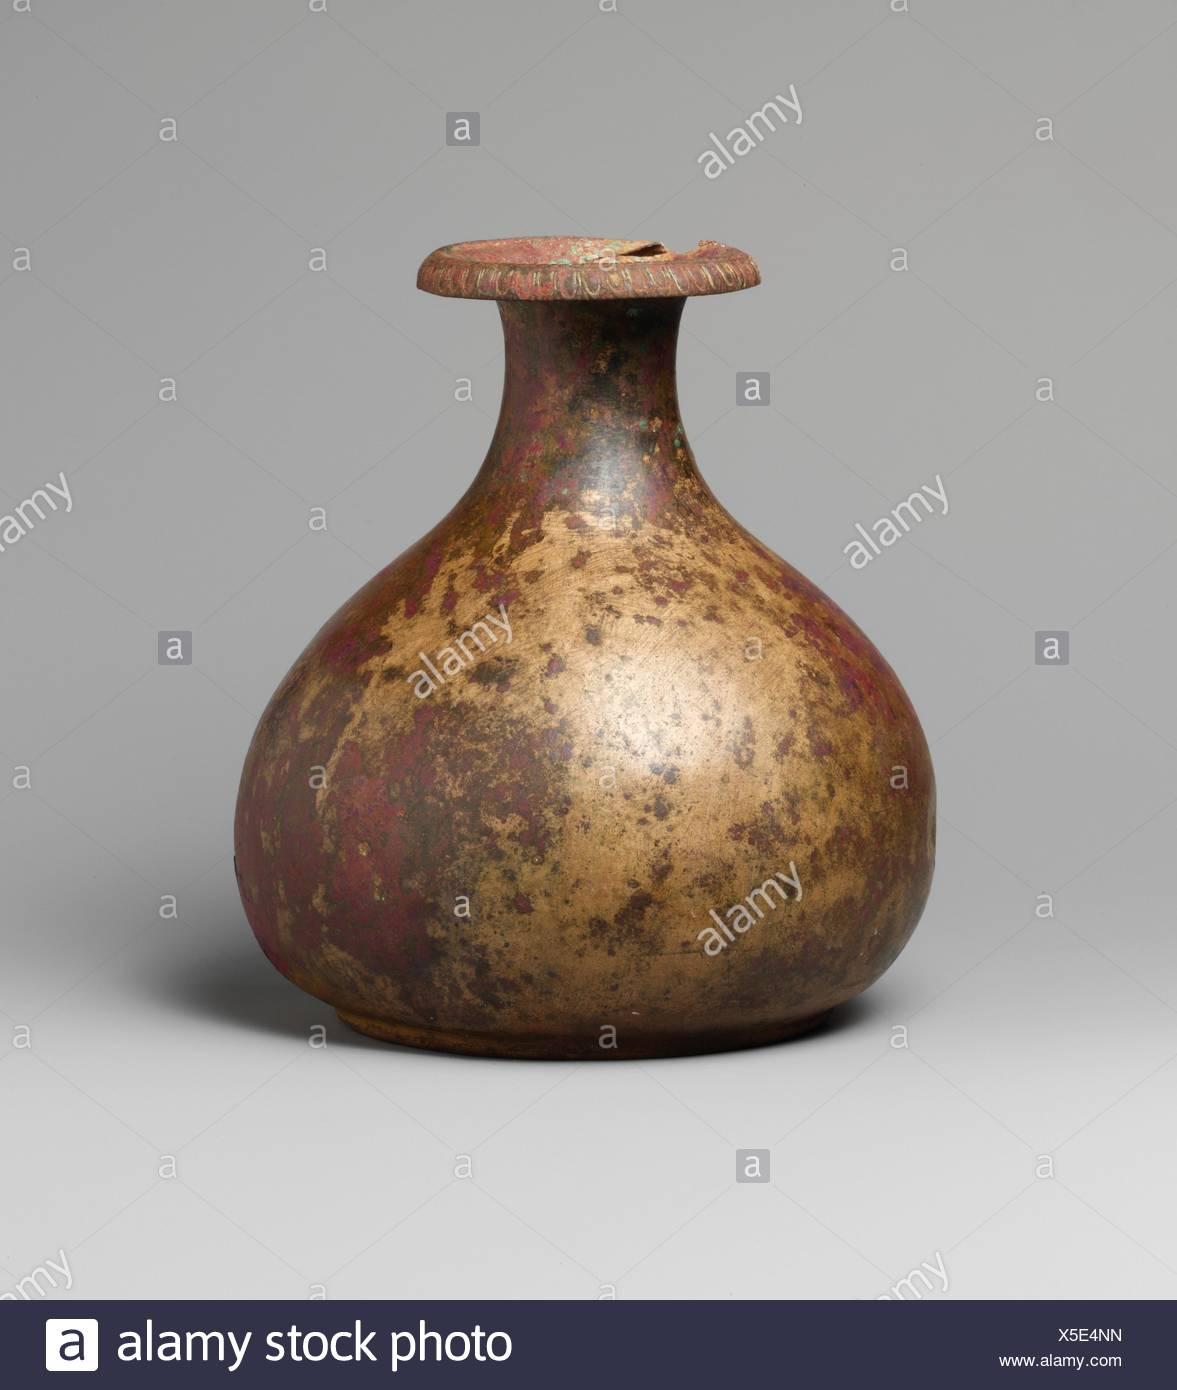 Verseuse en bronze. Période: Hellenistic; Date: 3e-1e siècle avant J.C, Culture: grec; technique: Bronze; Dimensions: h. 7 7/8 in. (20 cm); classification: Photo Stock